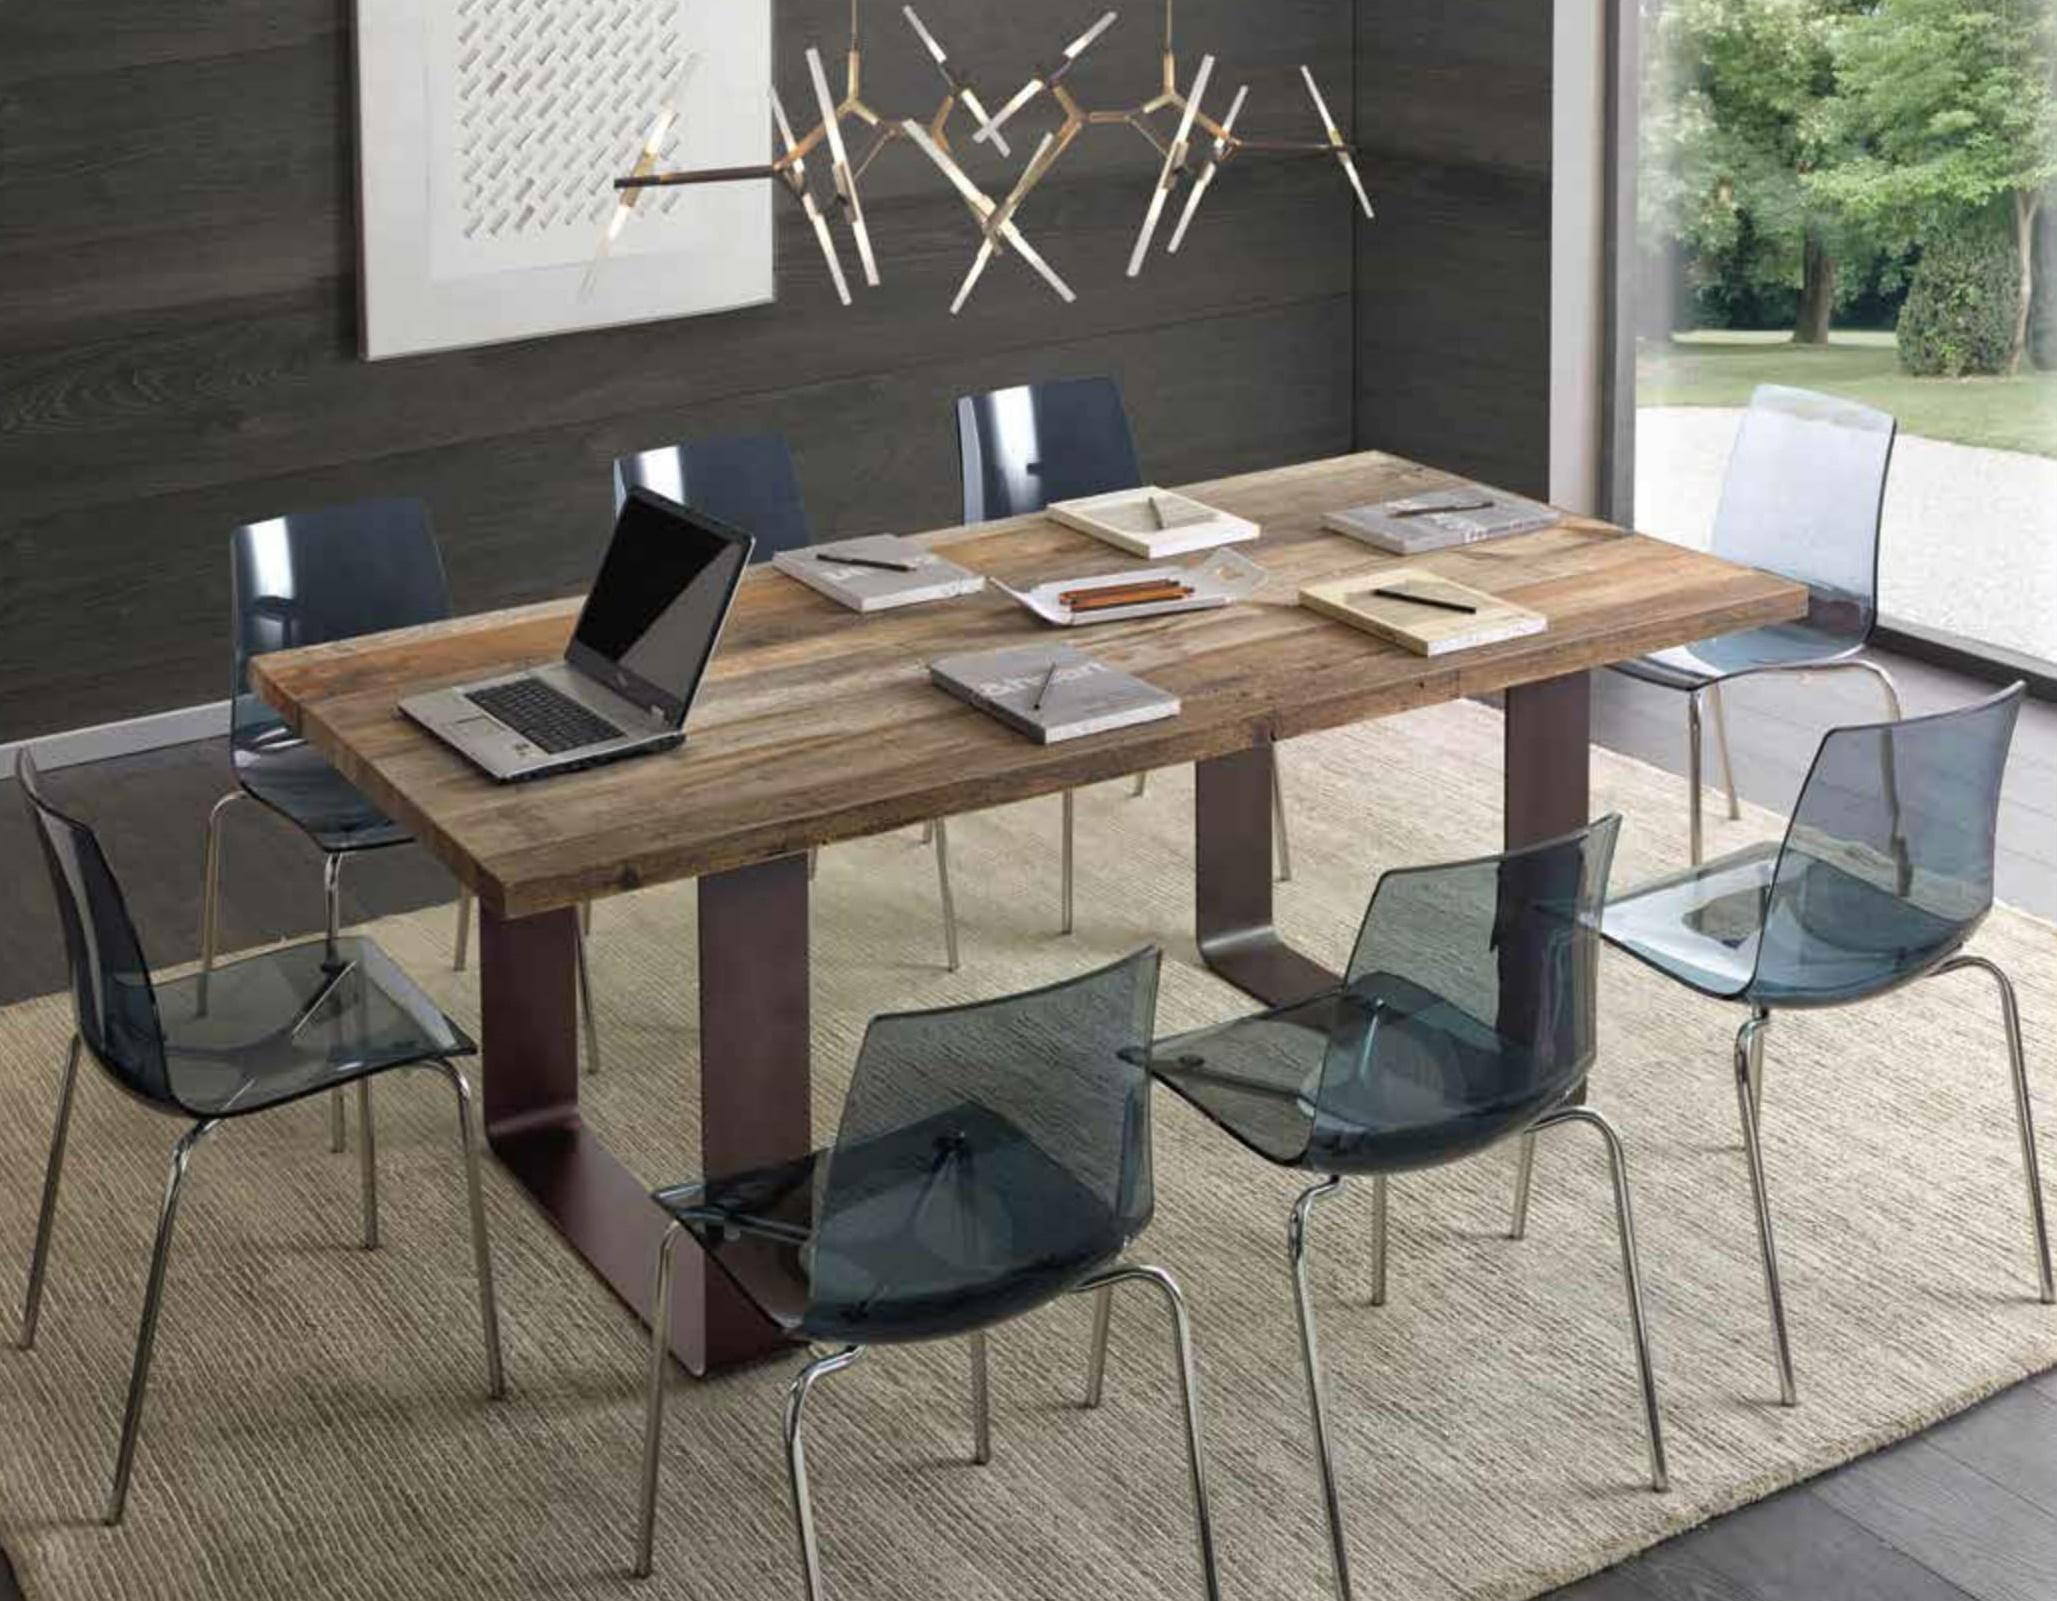 Tavolo in rovere trattato con cera naturale scontato rettangolari fissi legno tavoli a prezzi - Tavolo per cucina moderna ...